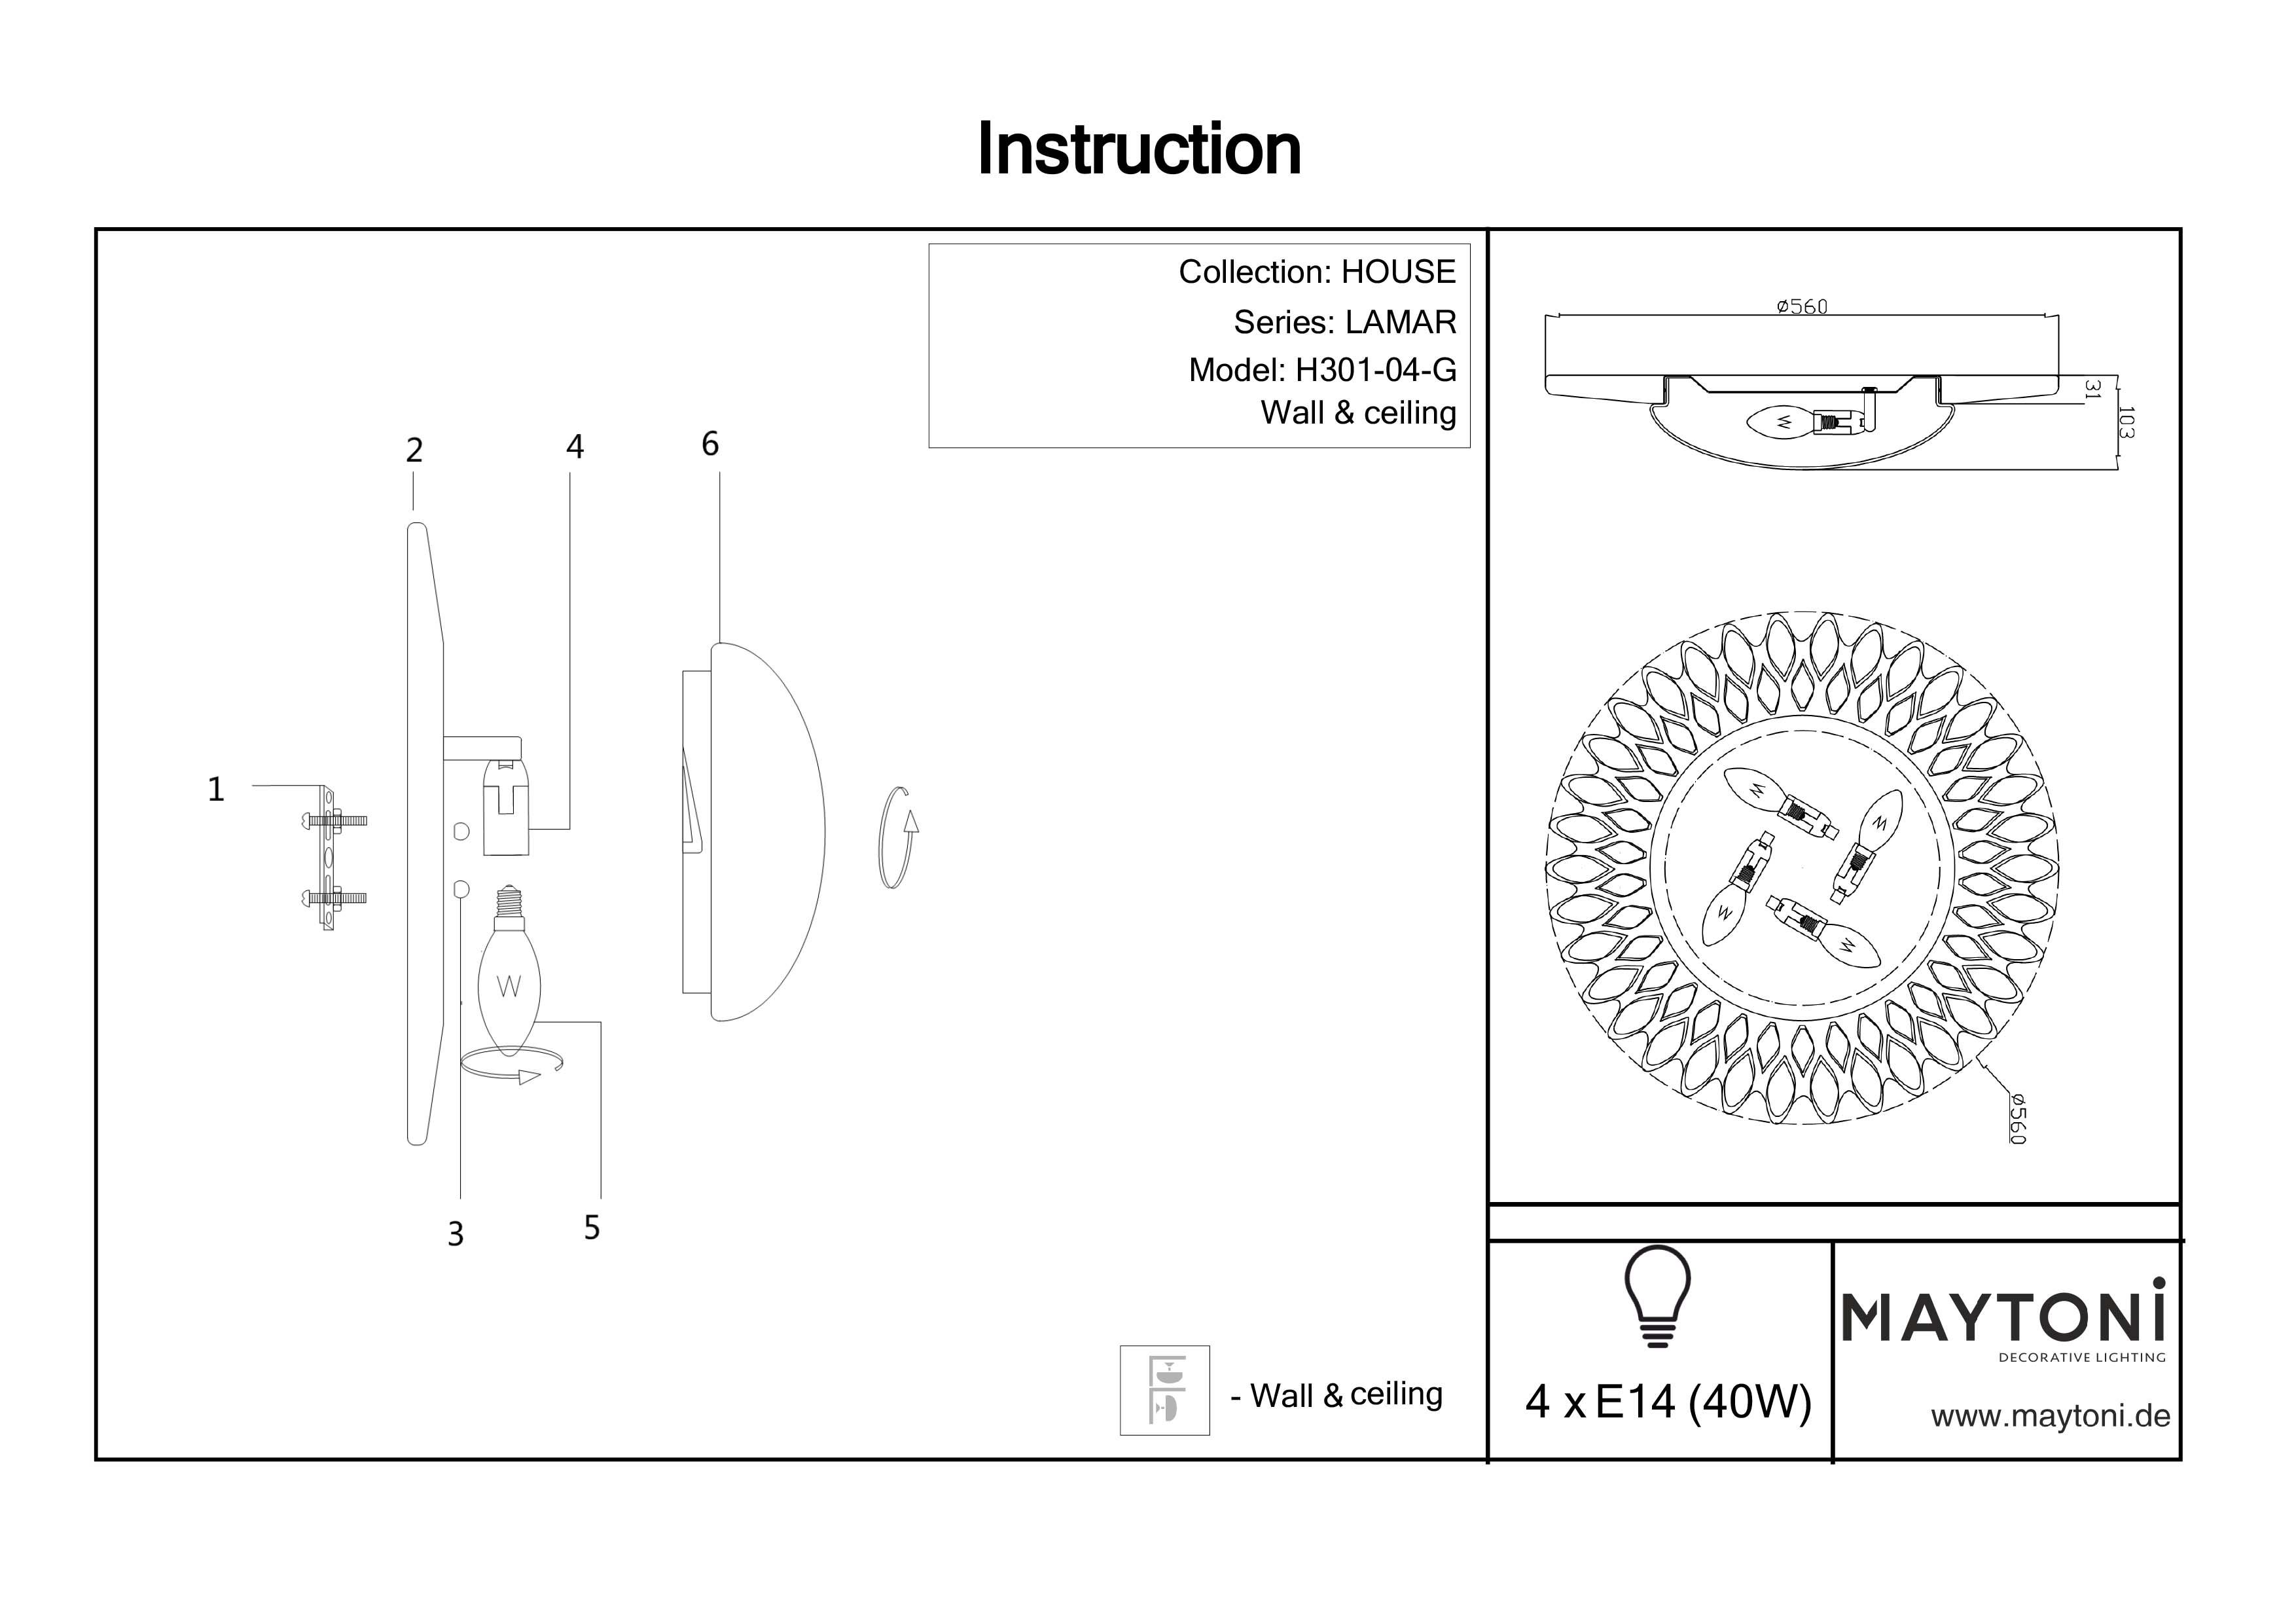 Потолочные светильники H301-04-G Lamar Maytoni